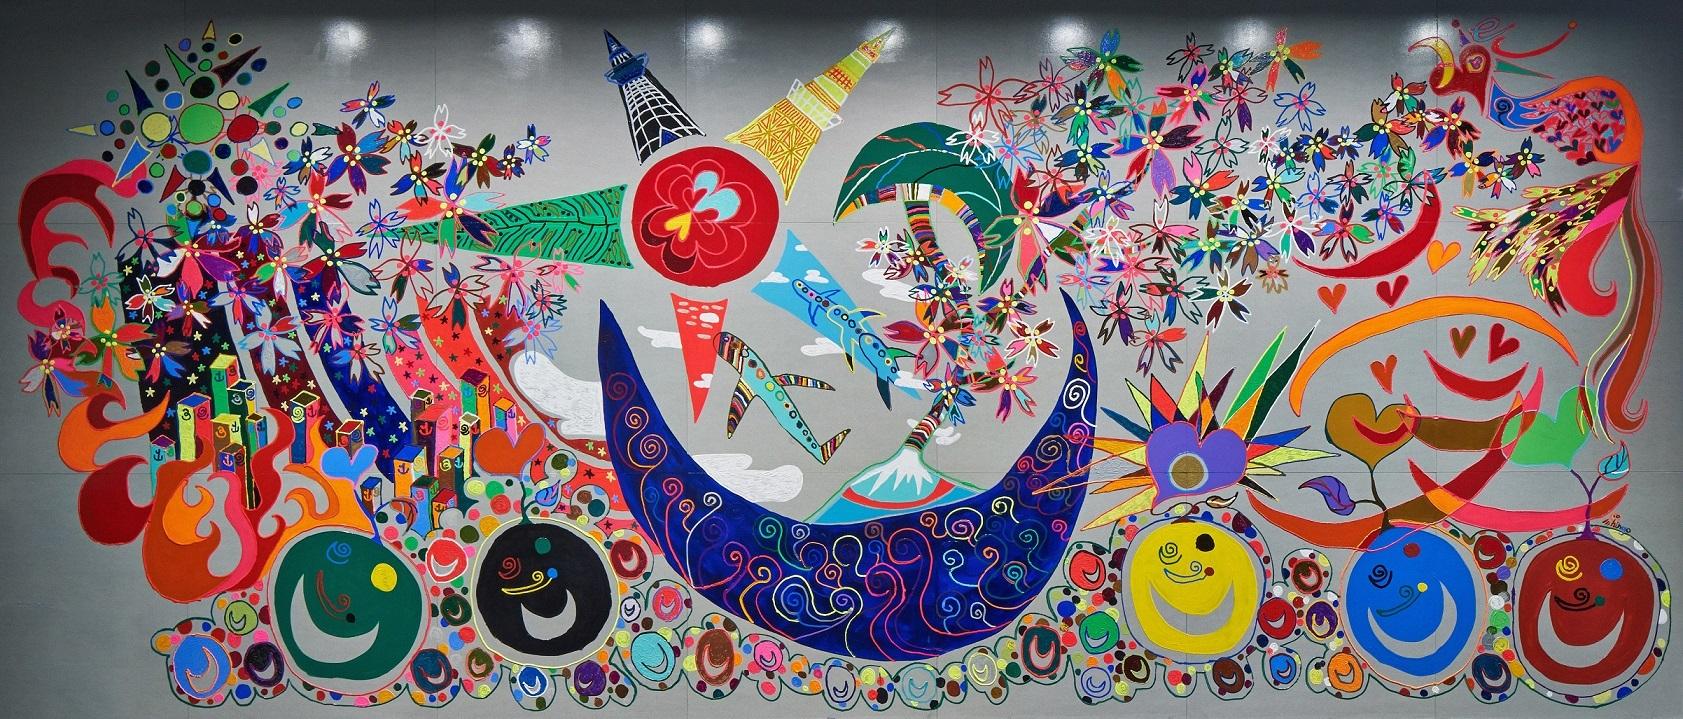 香取慎吾 作品画像 日本財団パラリンピックサポートセンターオフィスの壁画